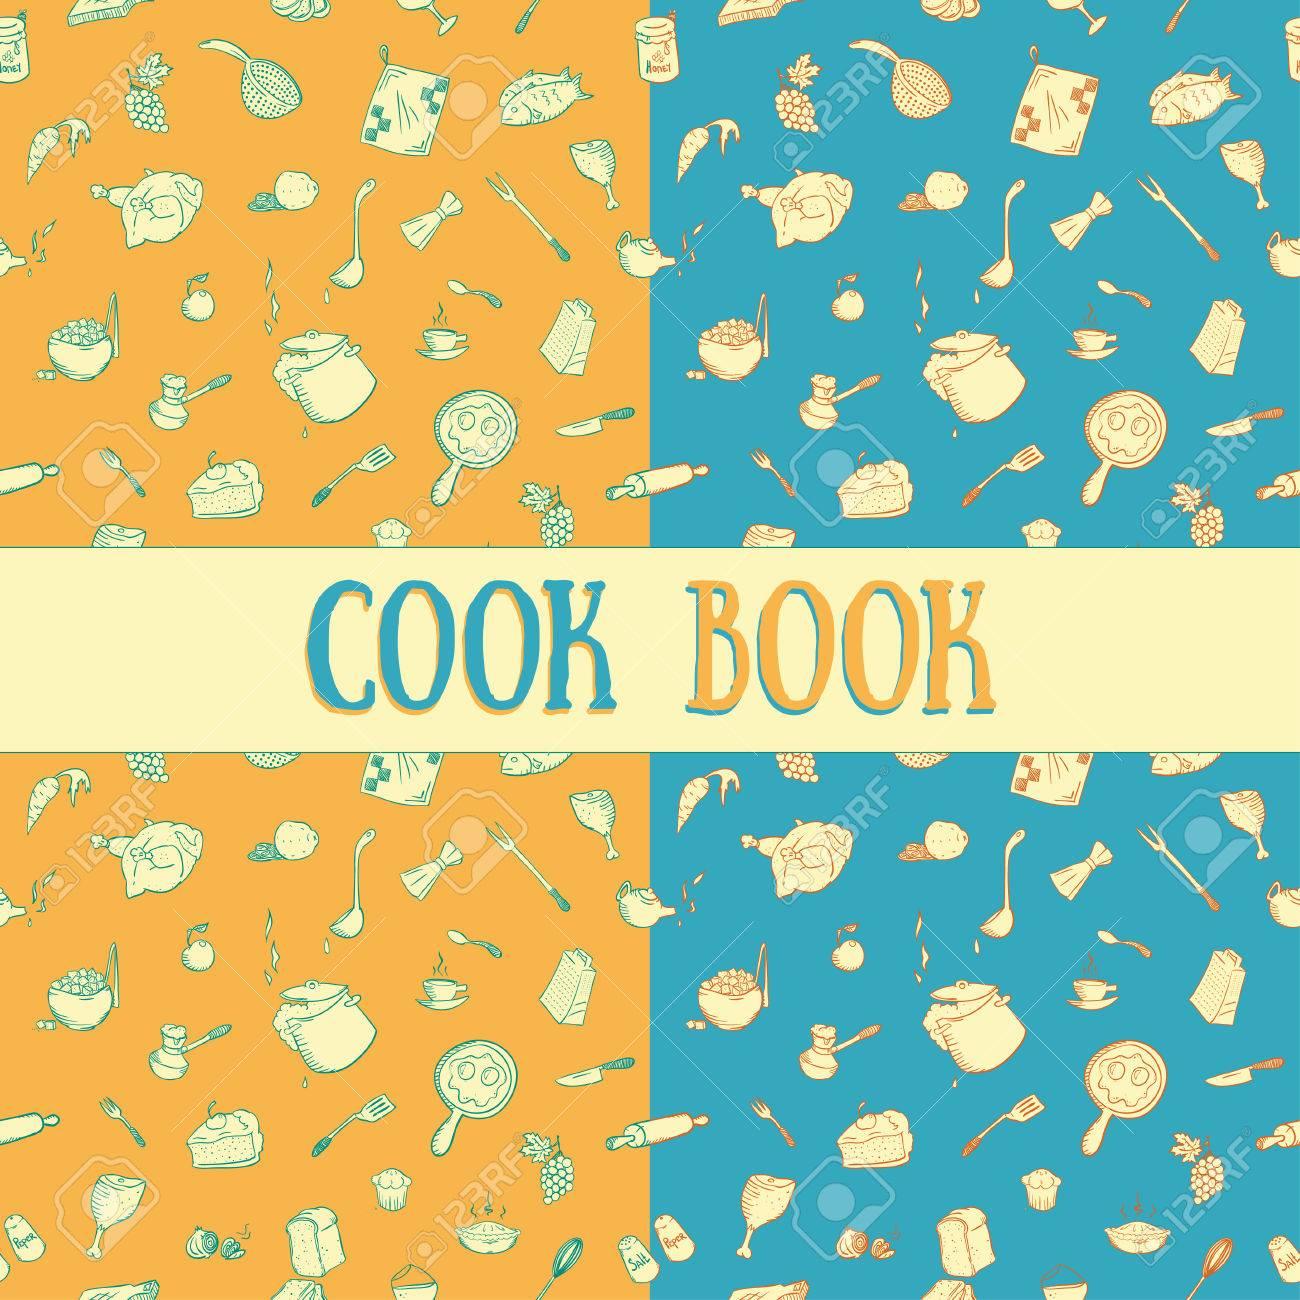 Patrón Sin Costuras De Utensilios De Cocina Bueno Para Imprimir En ...